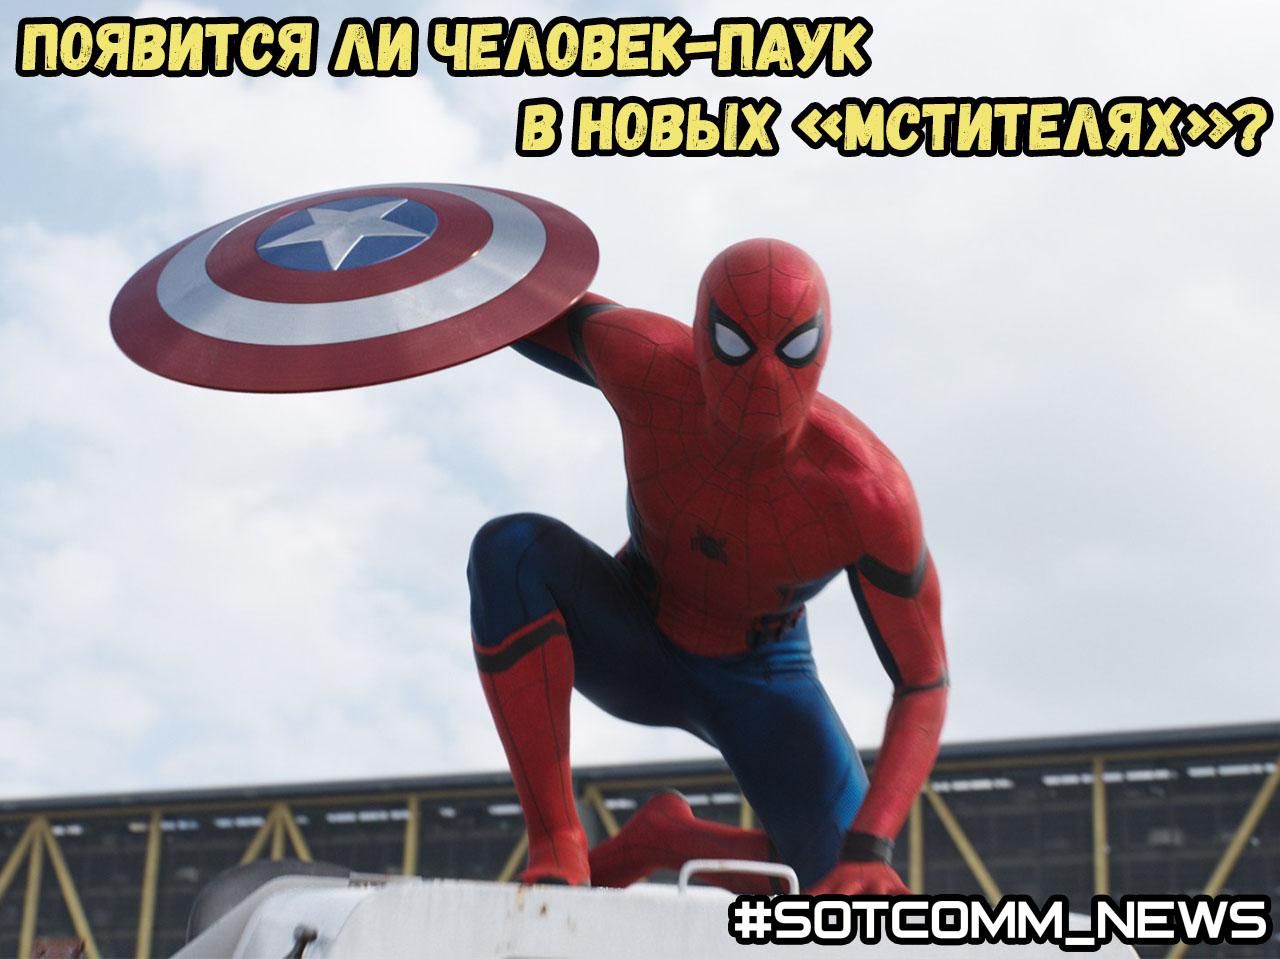 Появится ли Человек-паук в новых «Мстителях»?